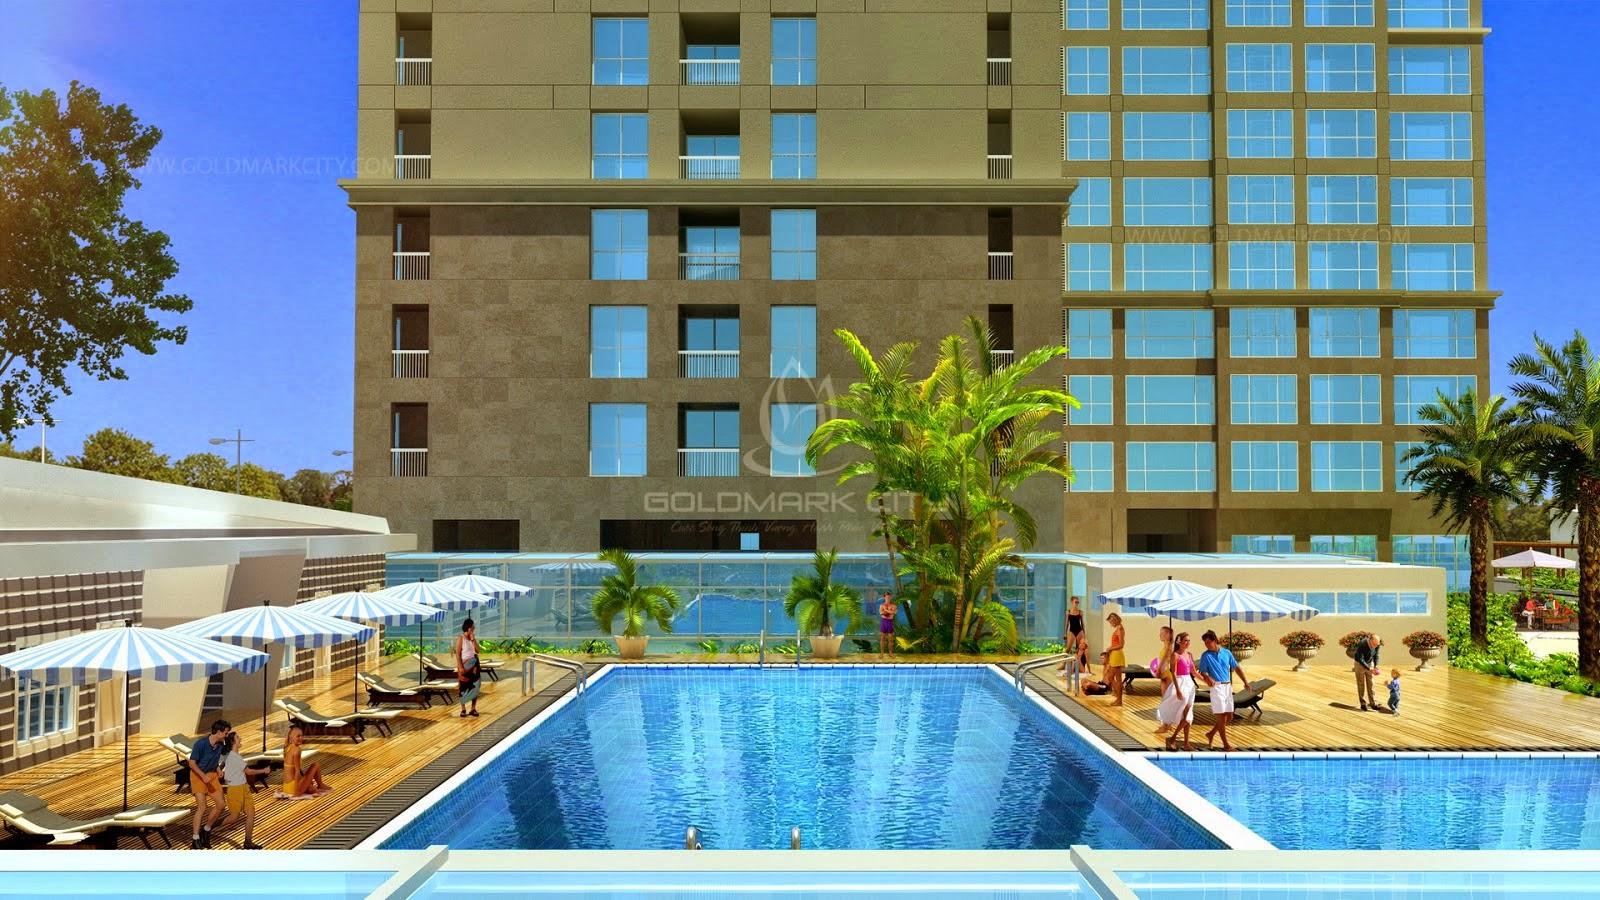 Bể bơi ngoài trời Goldmark City